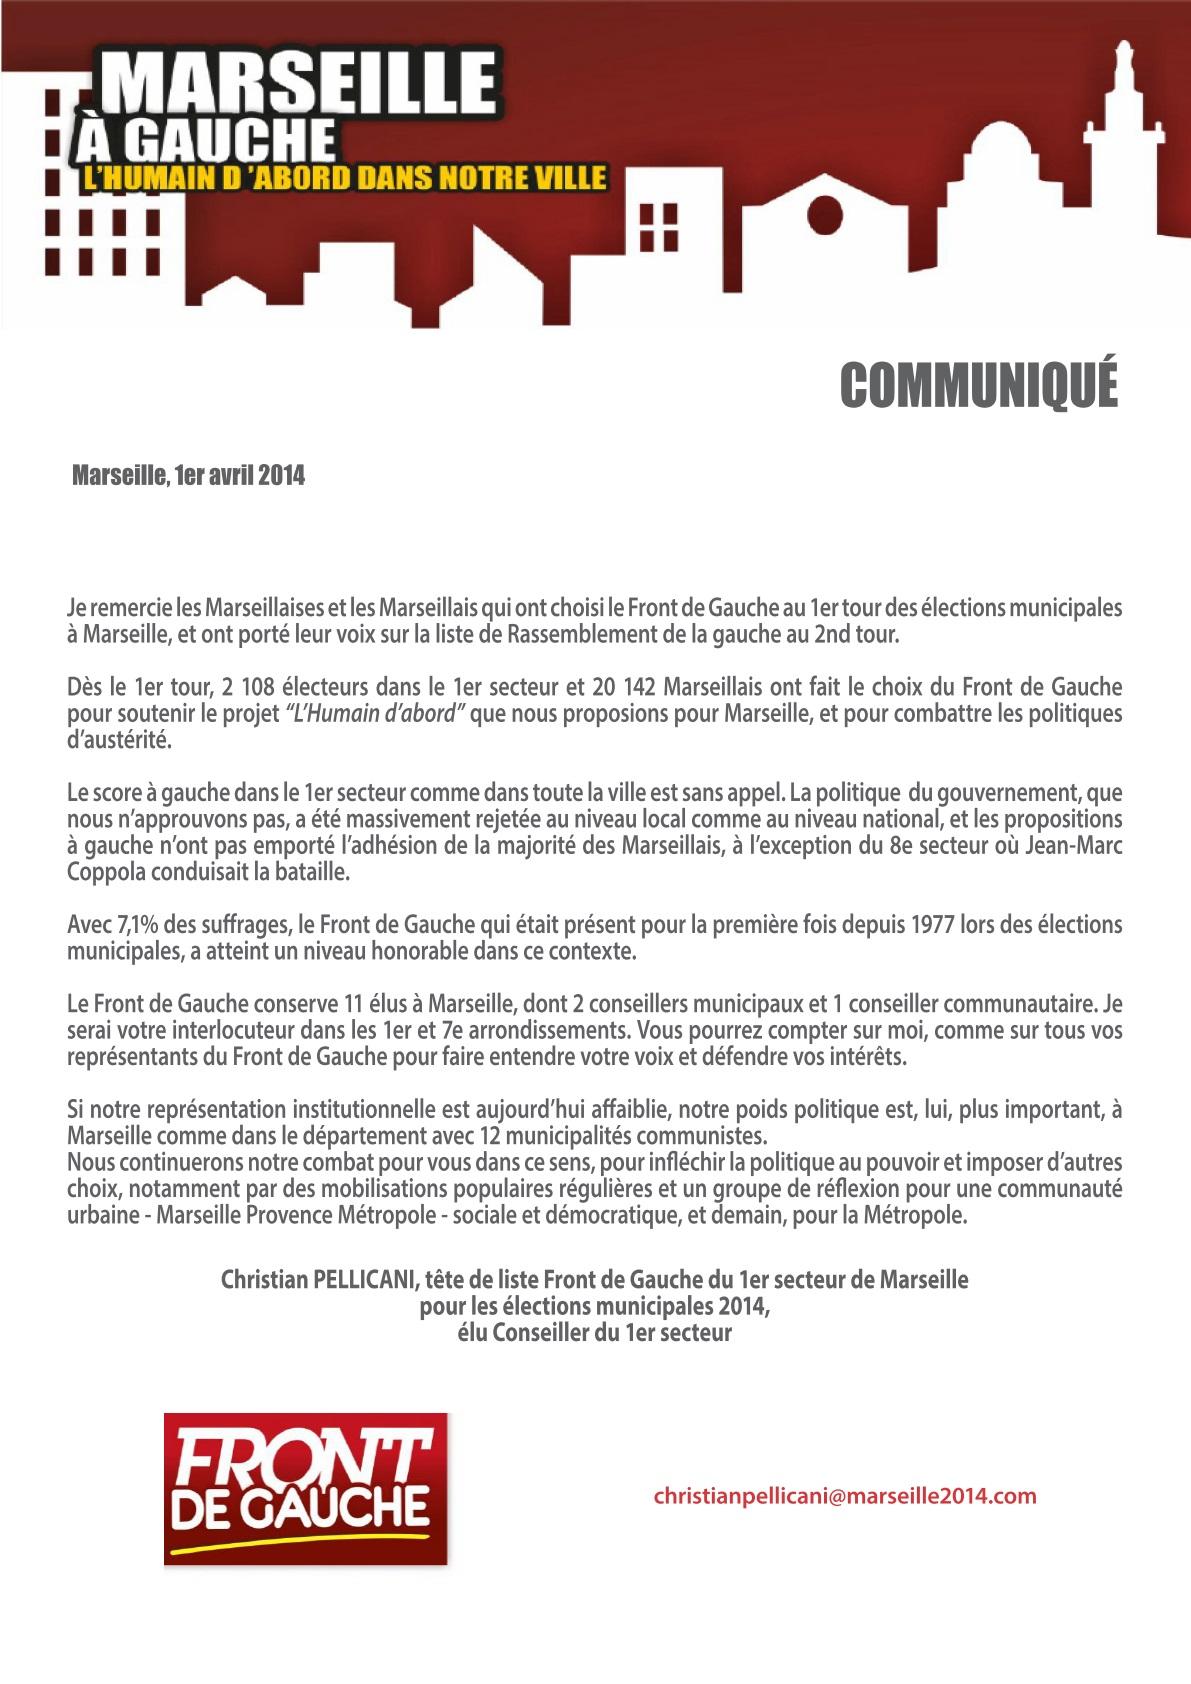 (37) Carnet de Campagne : Remerciements aux électeurs Front de Gauche !